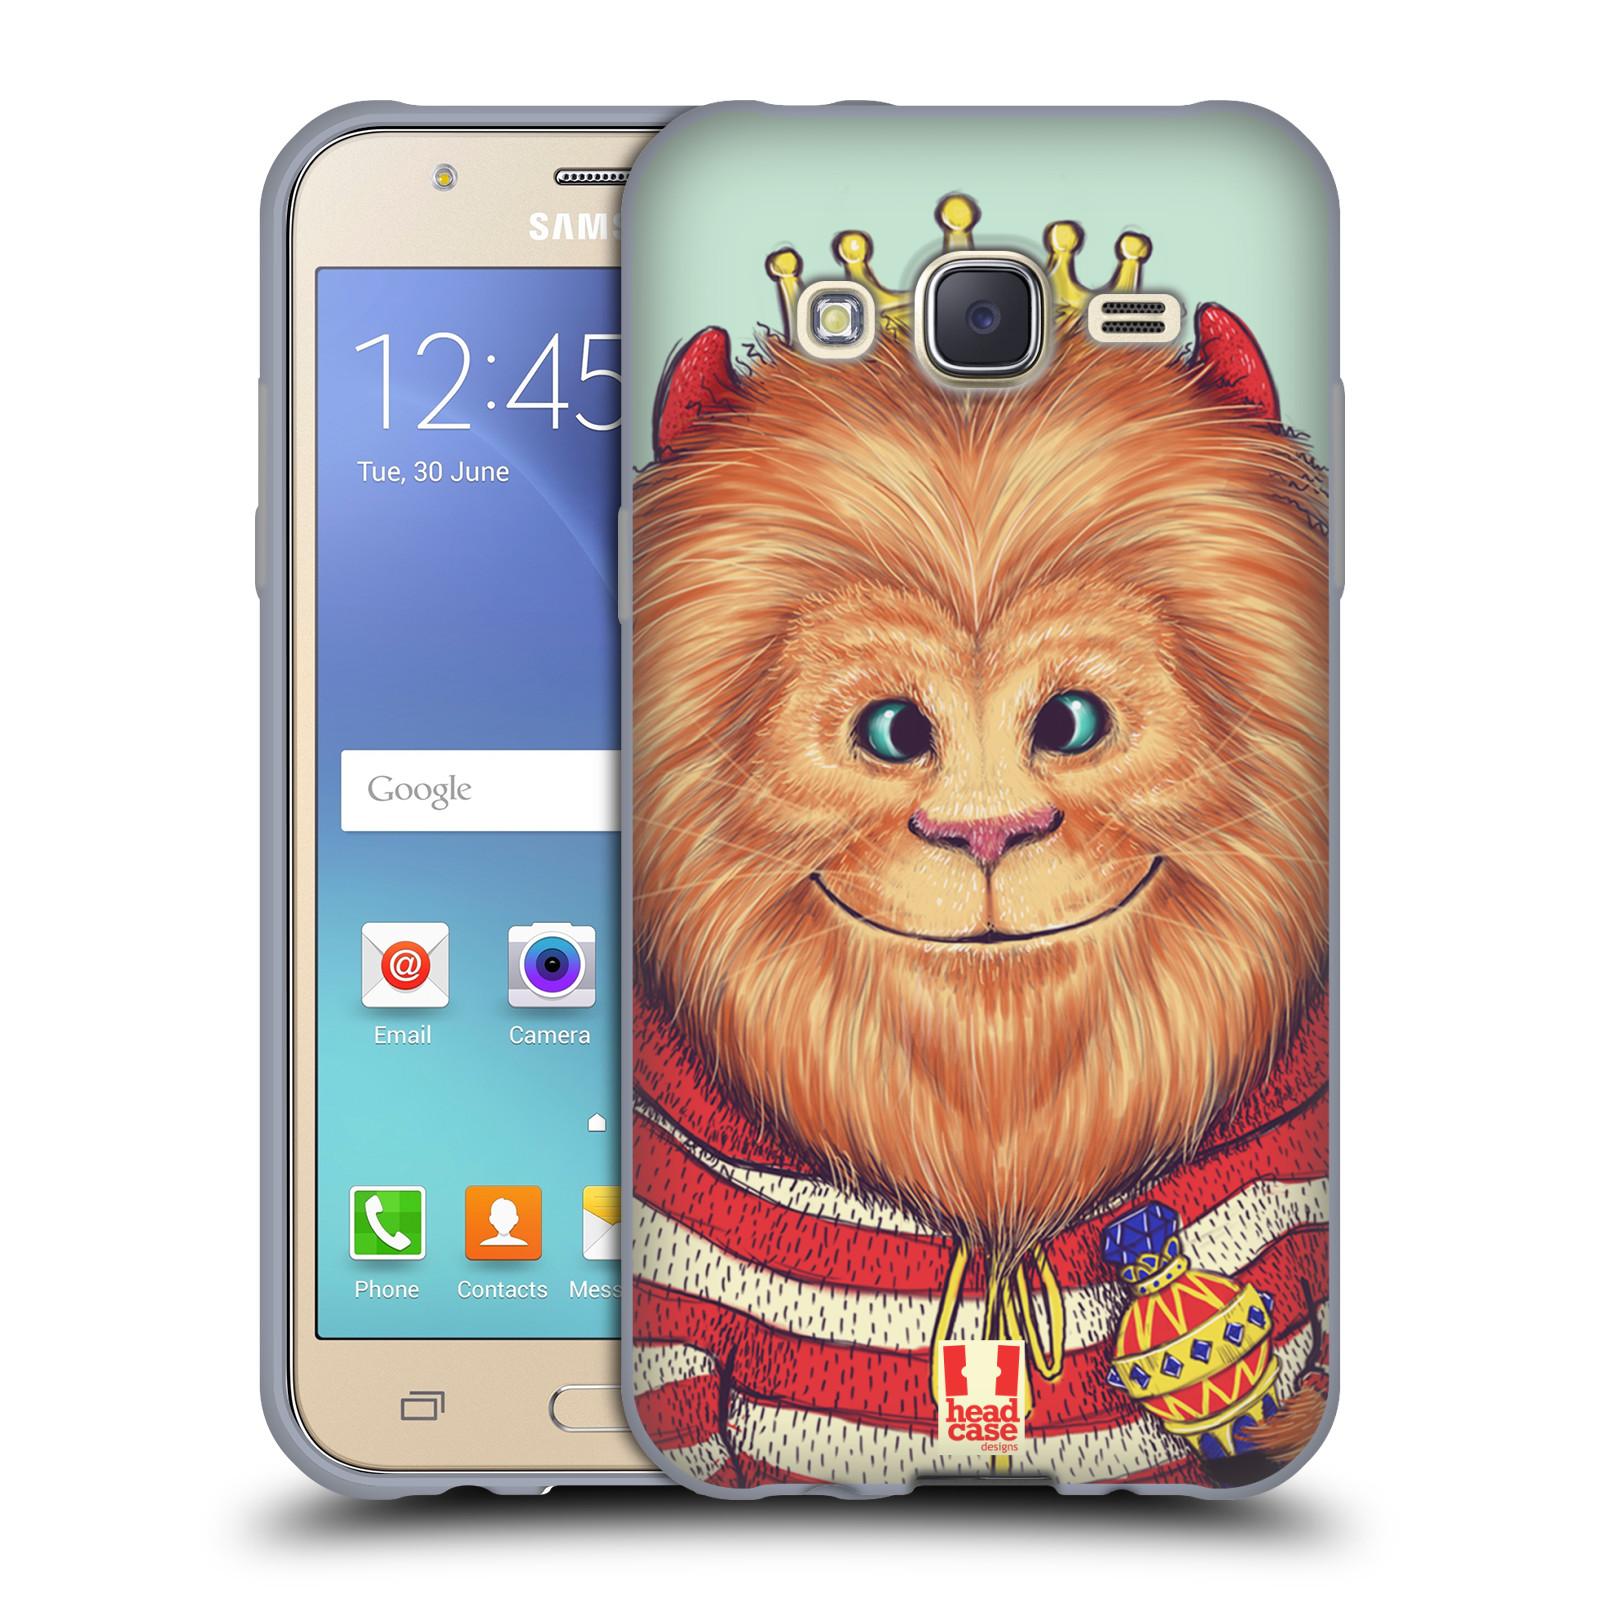 HEAD CASE silikonový obal na mobil Samsung Galaxy J5, J500, (J5 DUOS) vzor Kreslená zvířátka lev